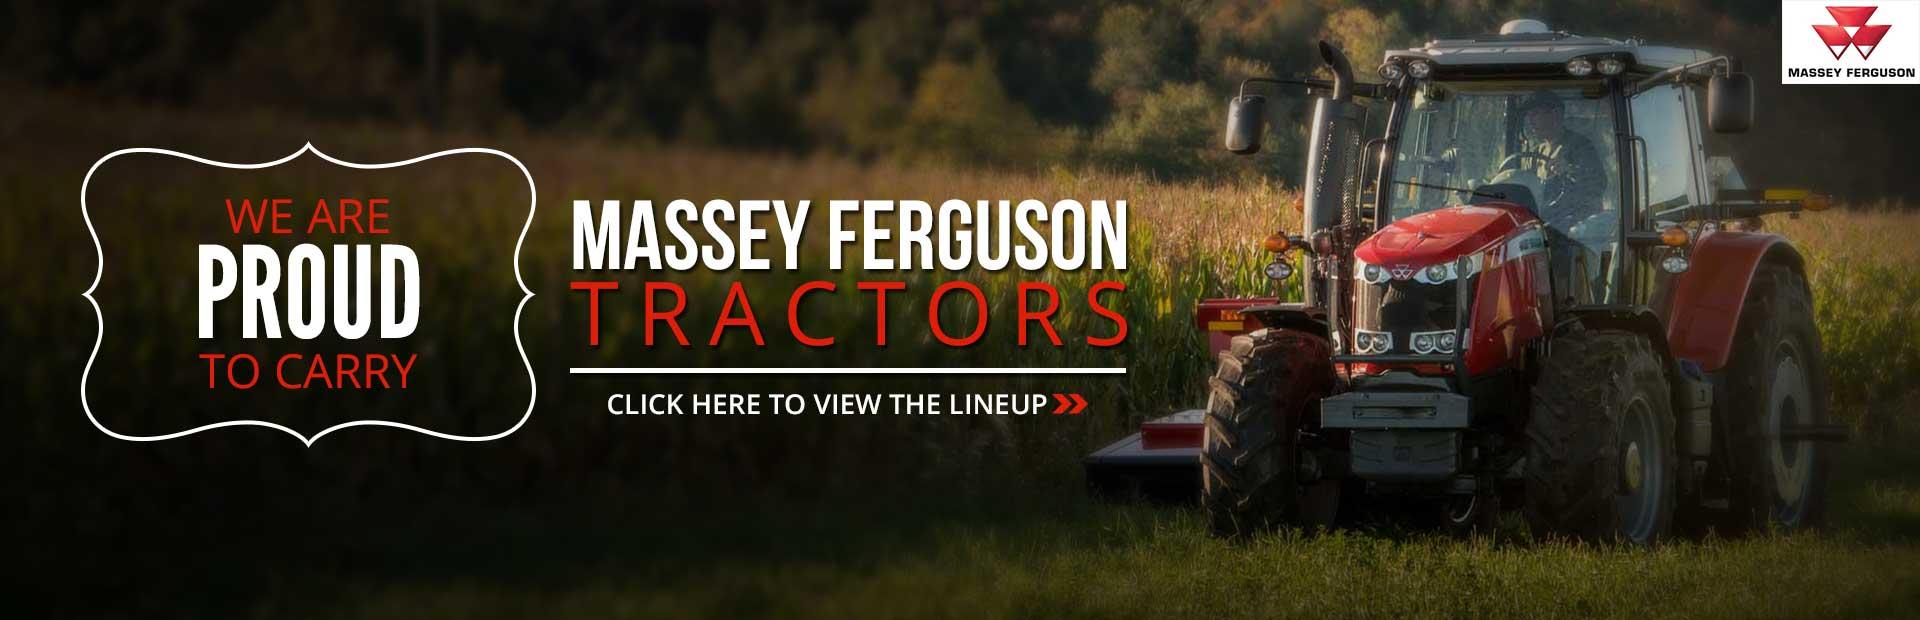 Shop Tractors, Mowers & Power Equipment from top brands